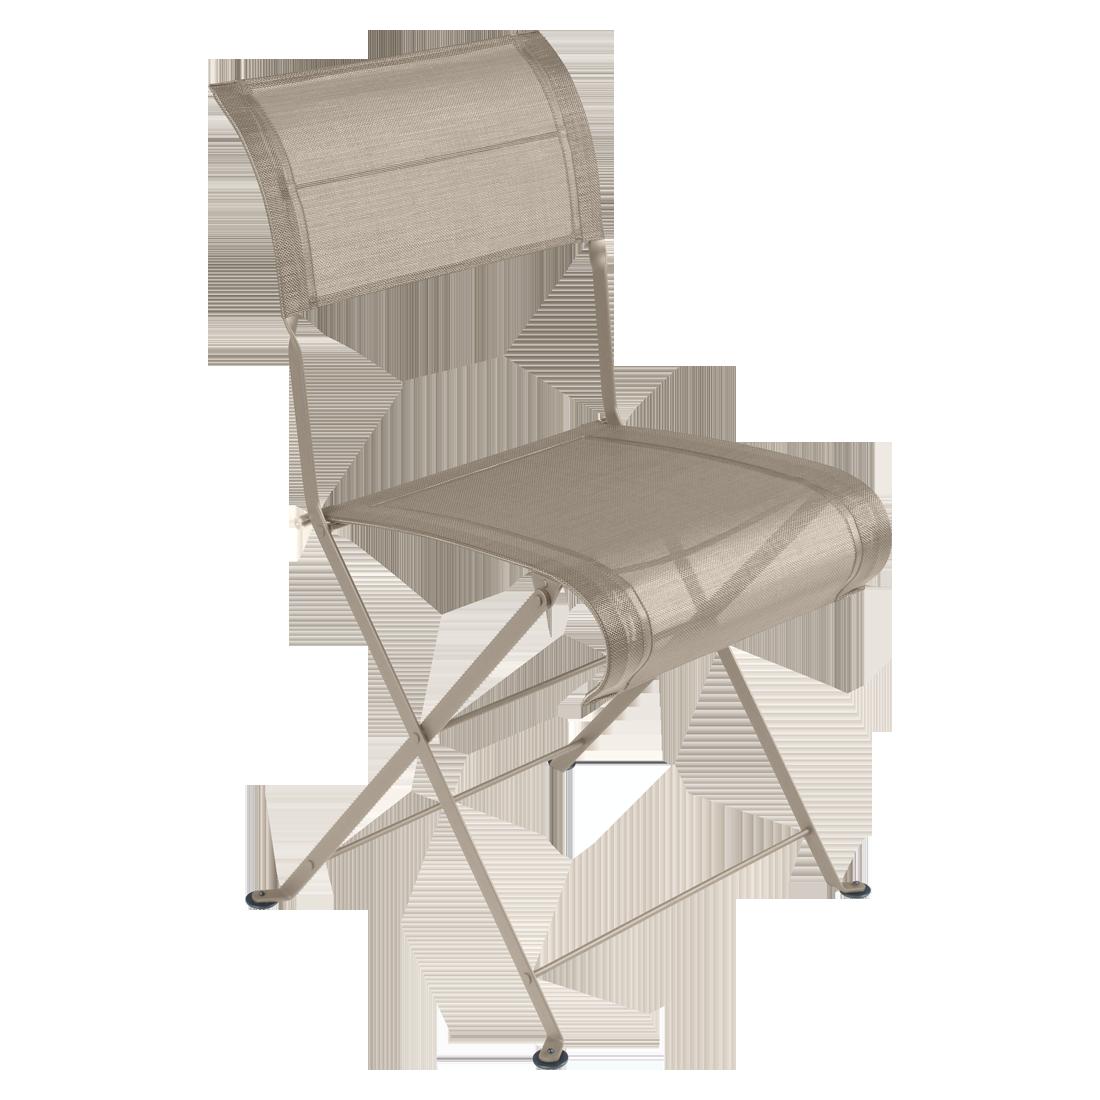 Chaise Dune Premium, chaise de jardin en toile